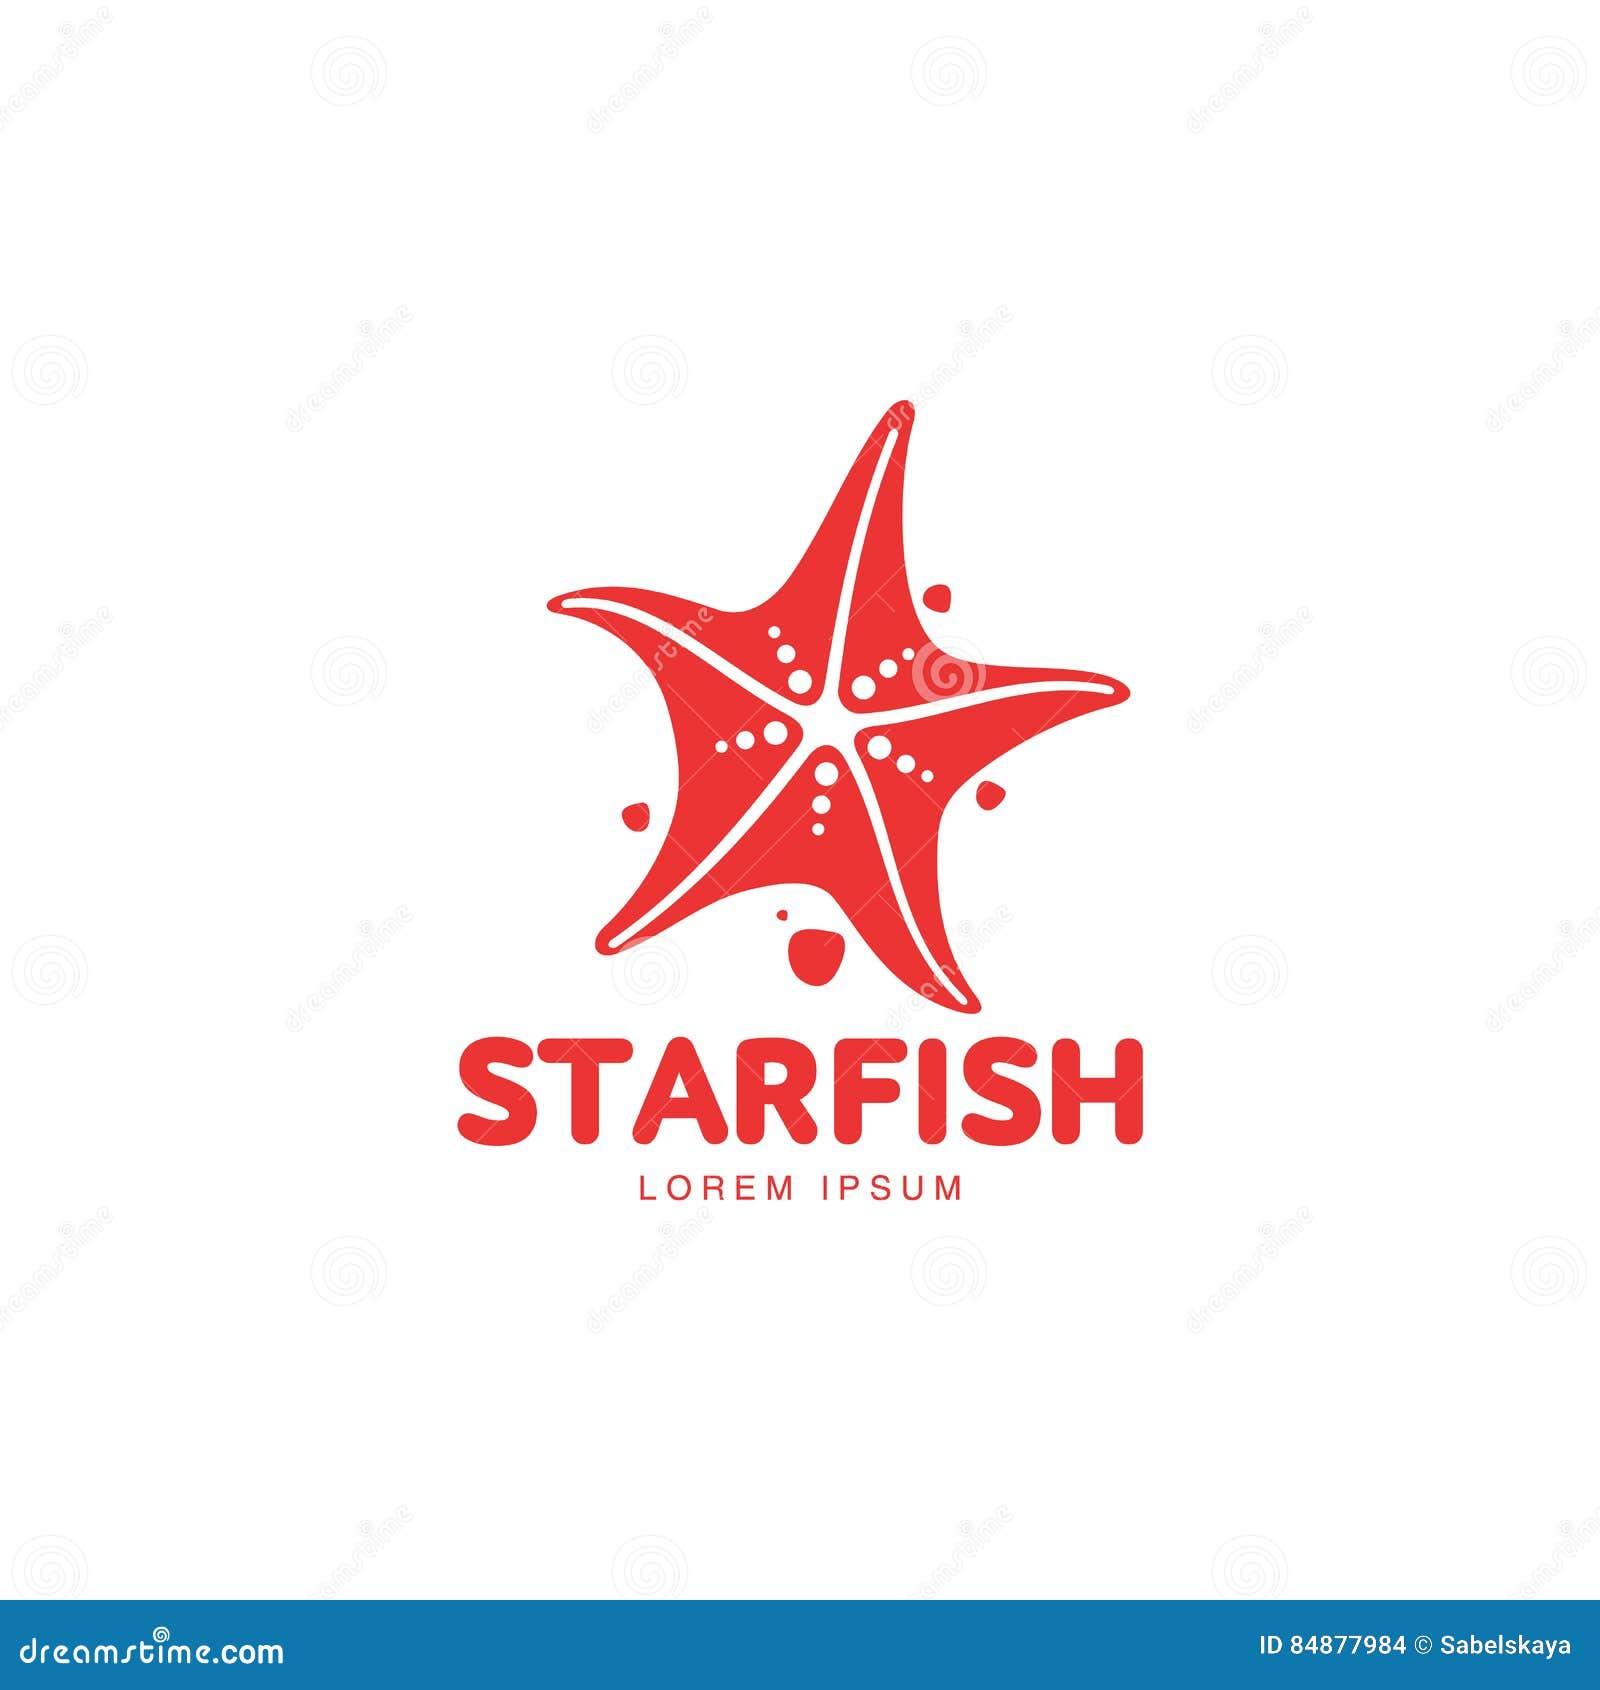 Graphic Starfish Stock Illustrations – 8,582 Graphic Starfish Stock ...